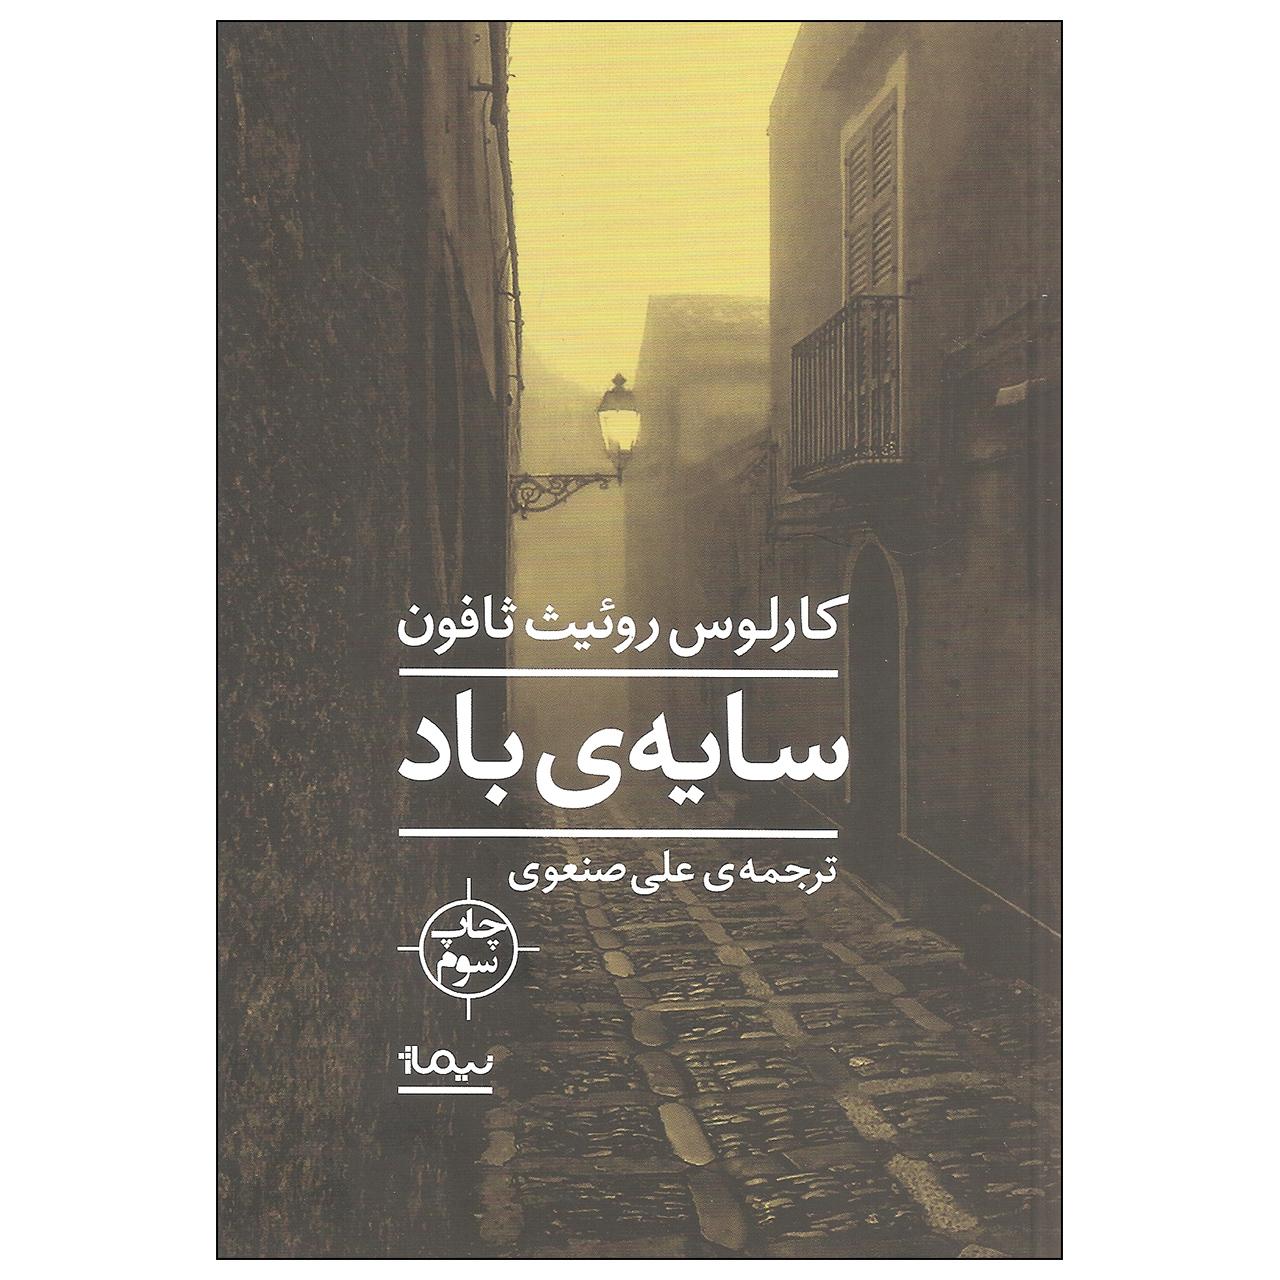 کتاب سایه ی باد اثر کارلوس روئیت ثافون نشر نیماژ